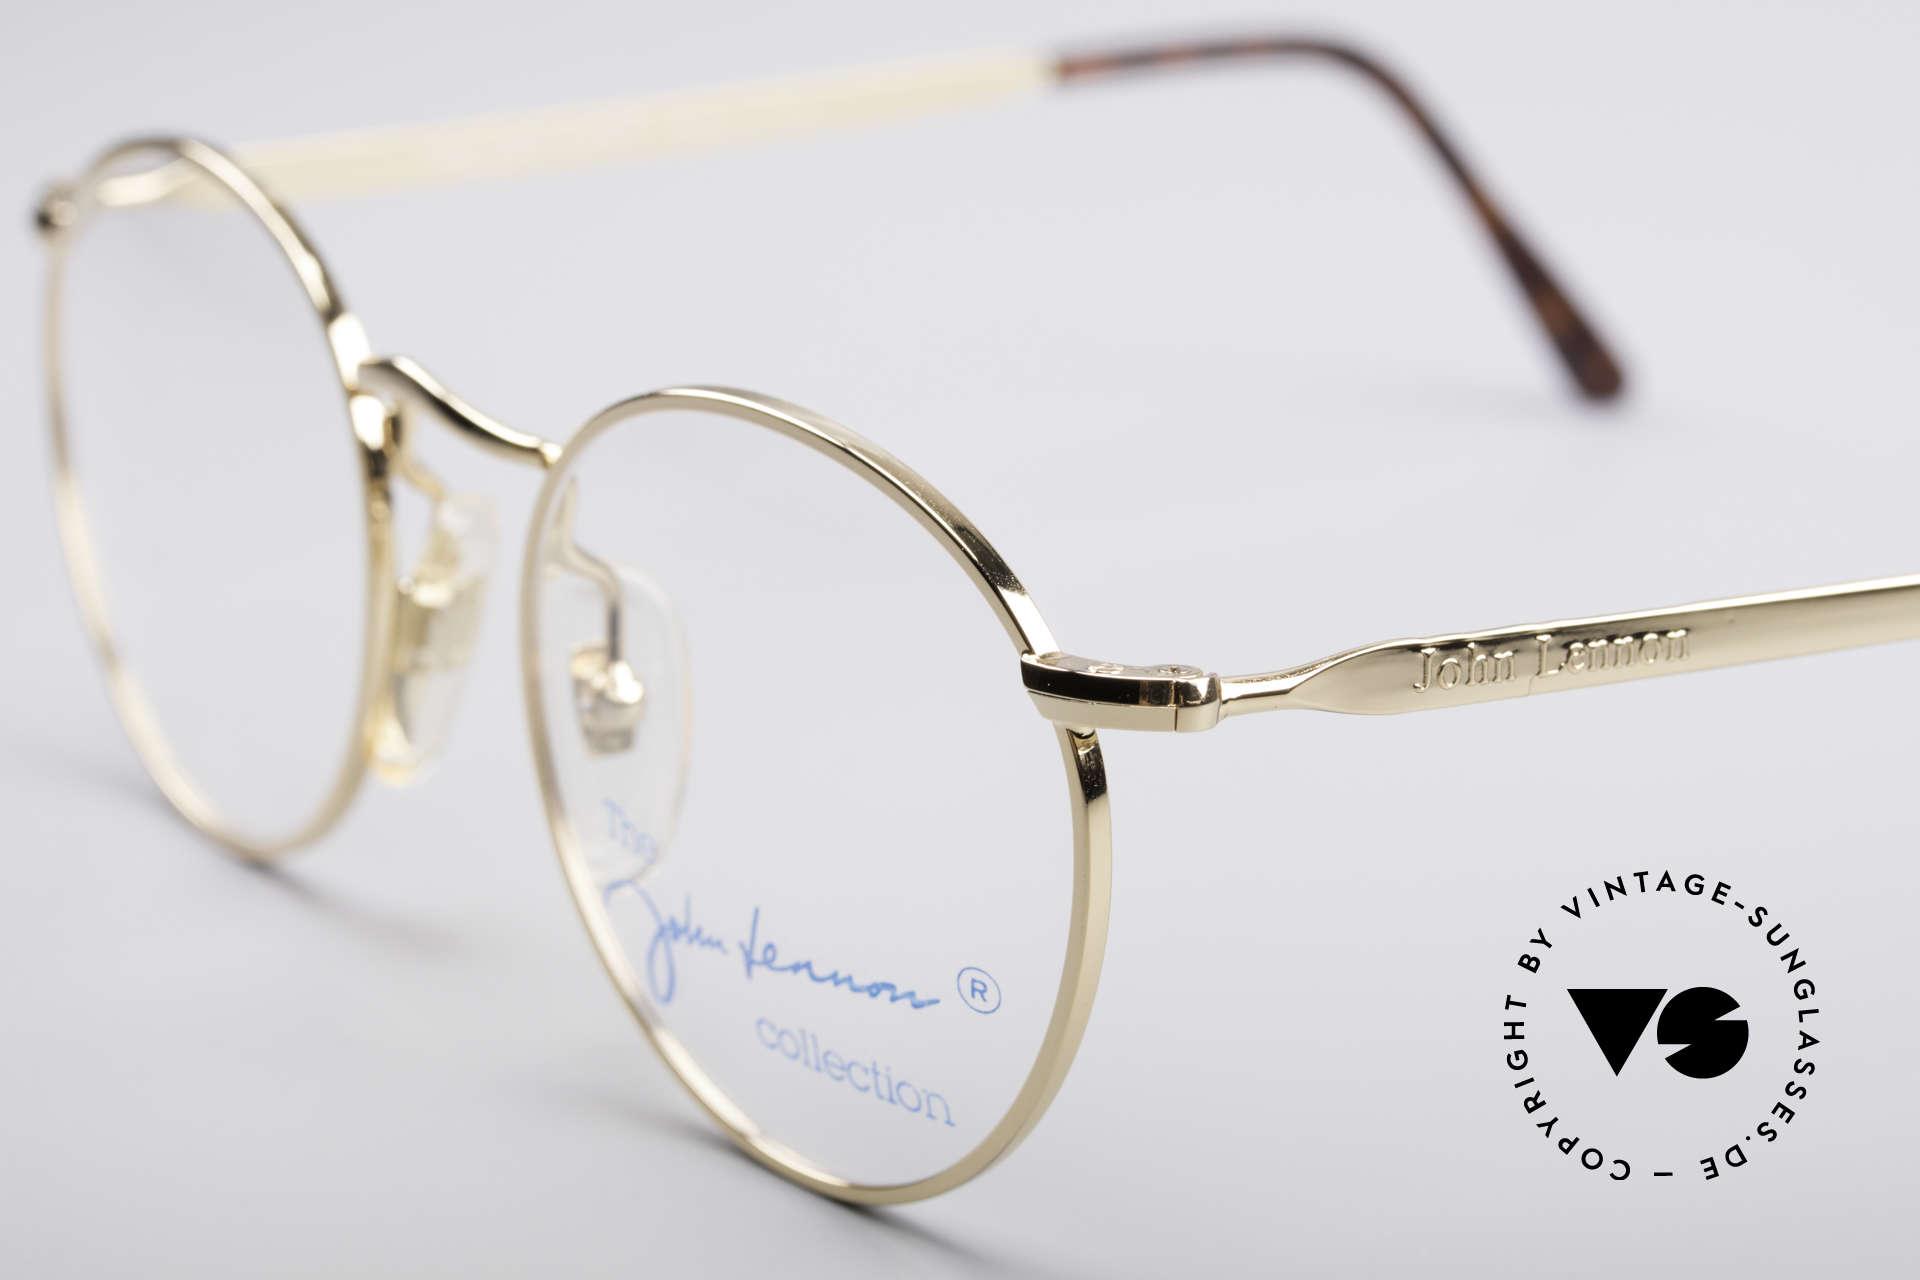 John Lennon - The Dreamer Extra Kleine Vintage Brille, legendärer; unverwechselbarer John LENNON Look, Passend für Herren und Damen